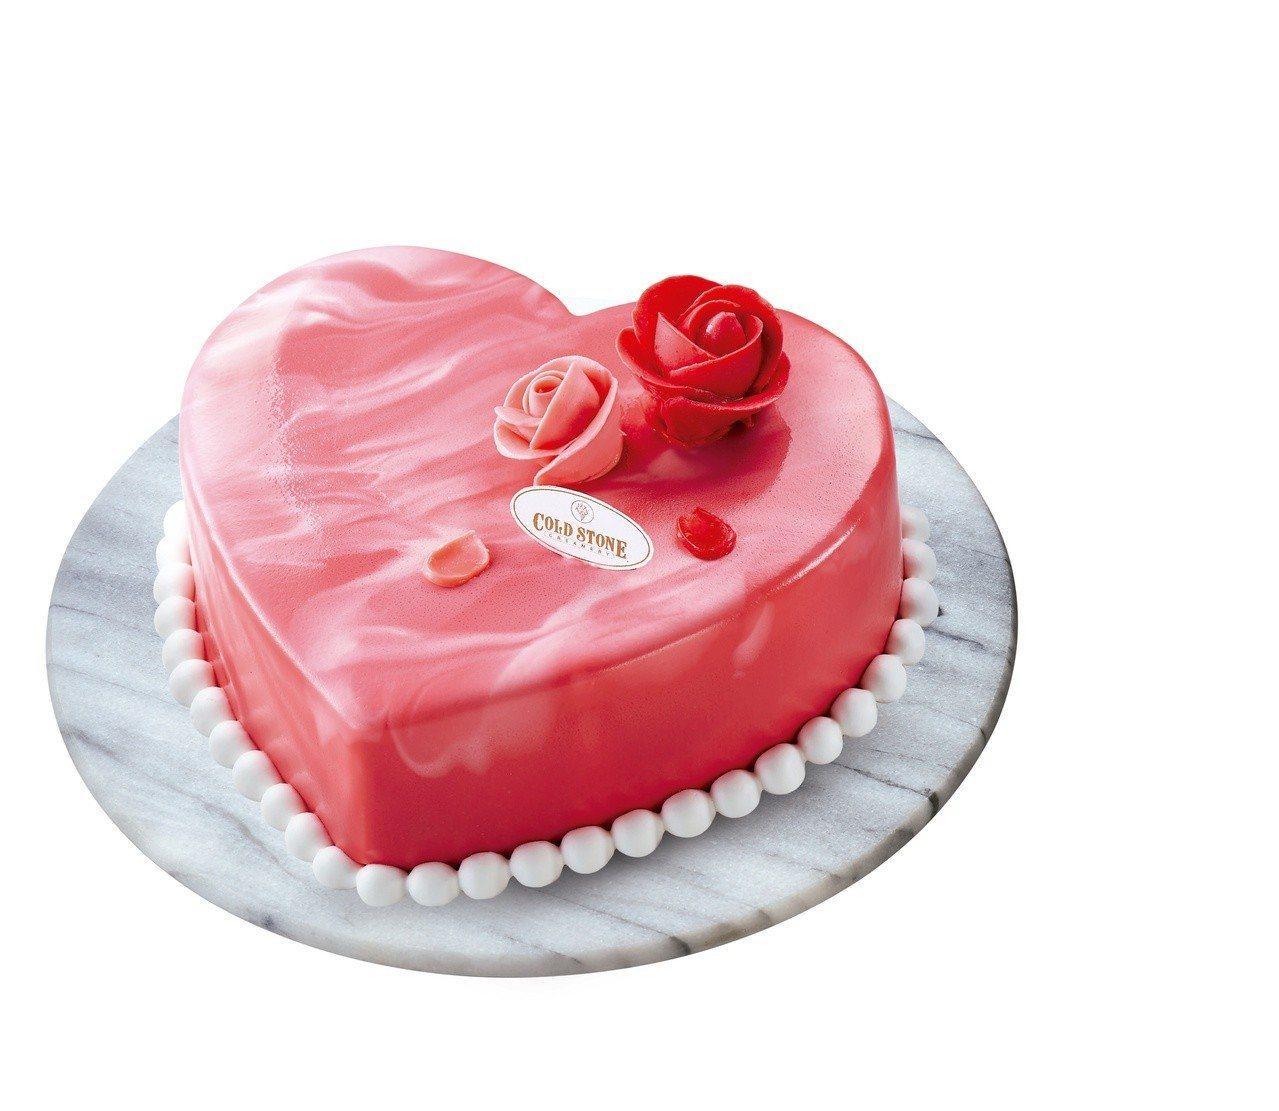 COLD STONE酷聖石玫好心意鏡面蛋糕,售價1,080元,7-ELEVEN獨...